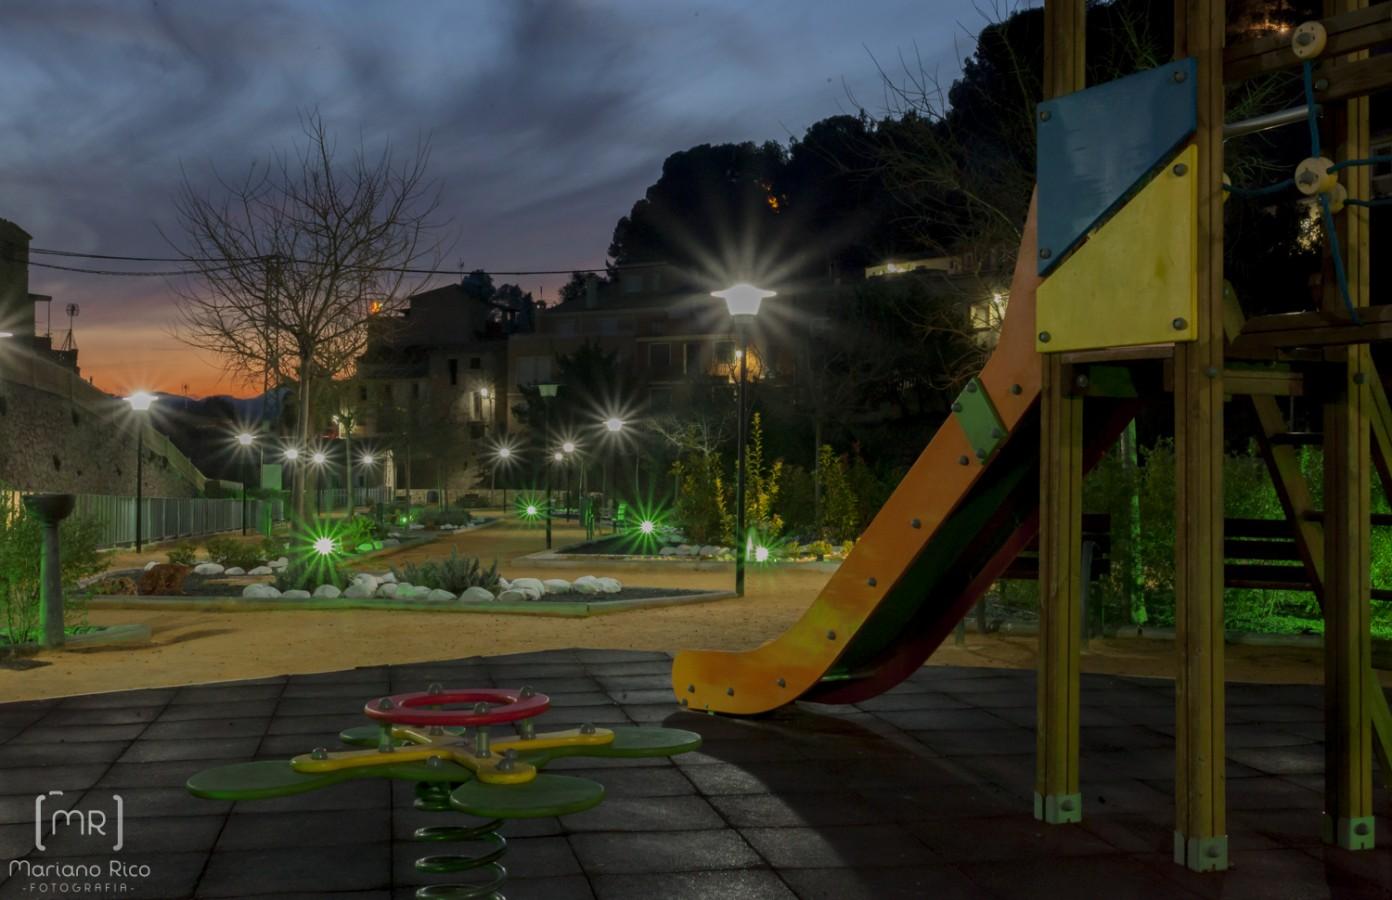 Parque del Barranc